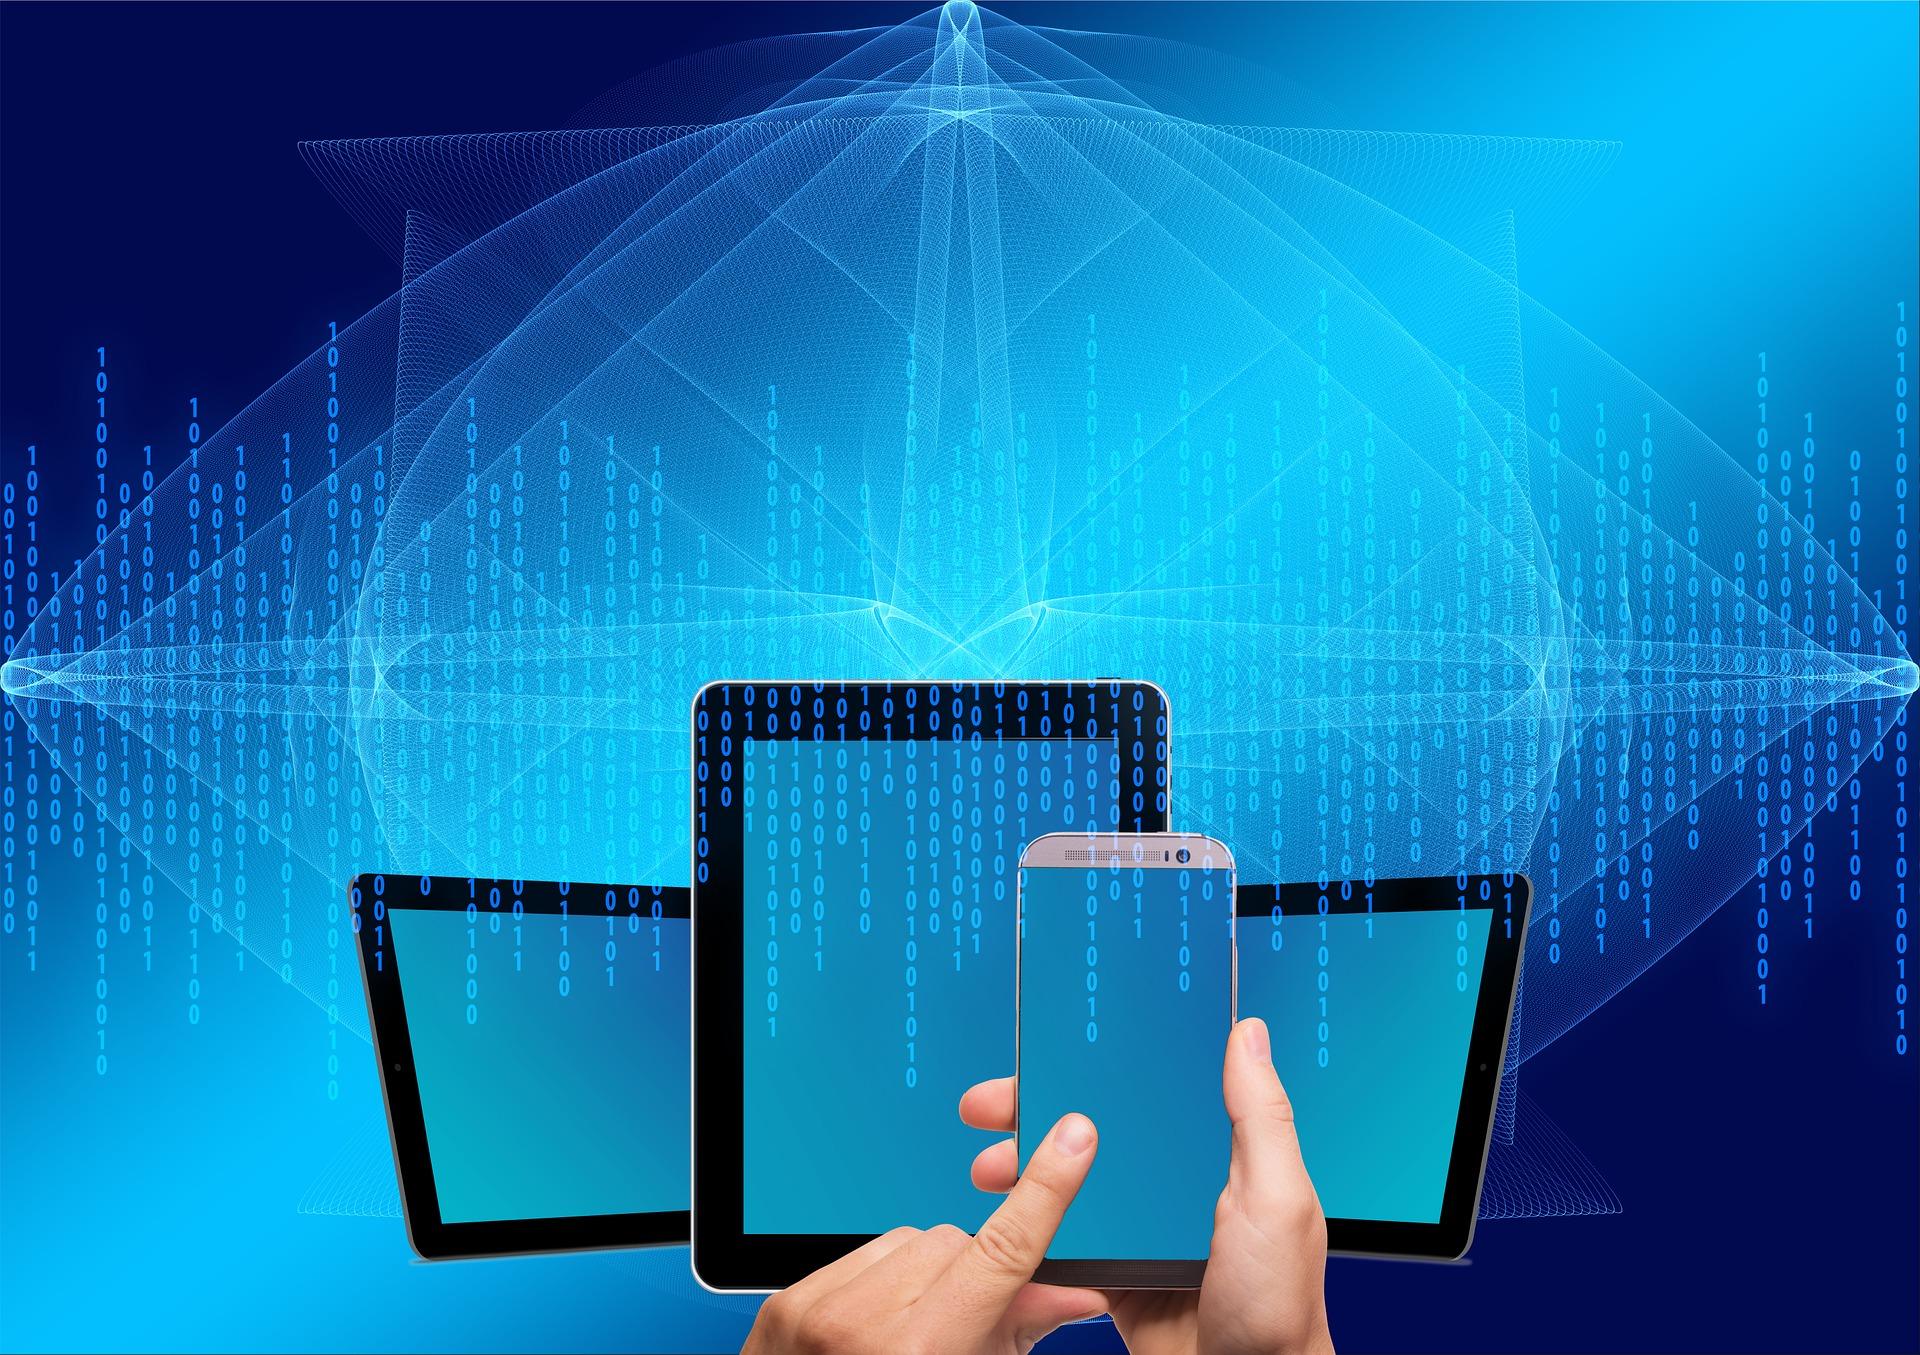 Mobiler, surfplattor och datorer i blått ljus